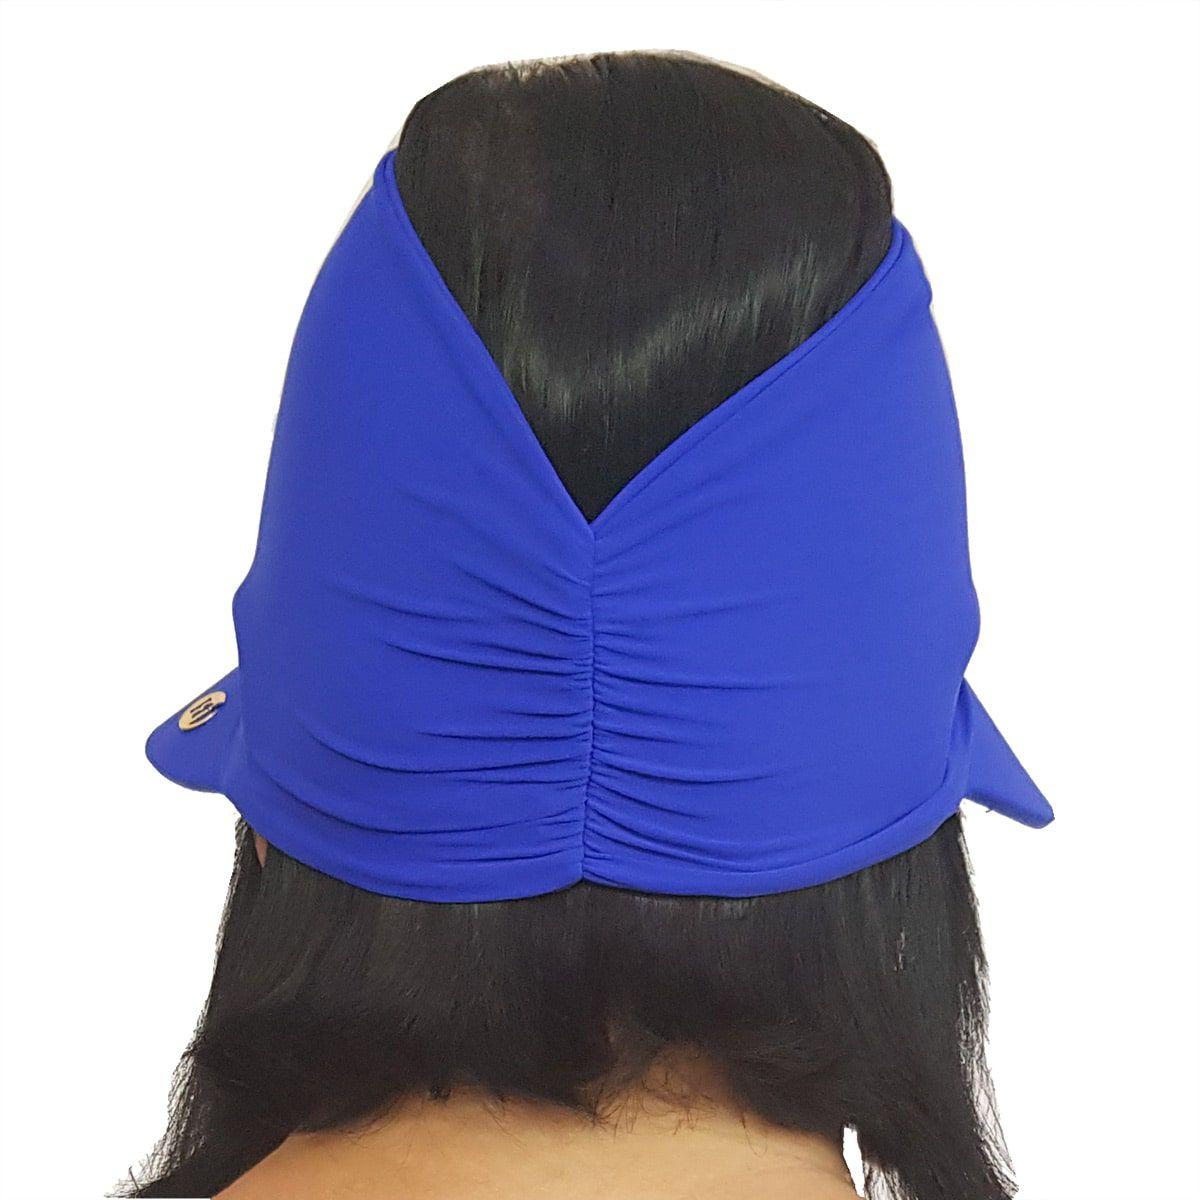 Viseira Turbante com Proteção UV 50+ Azul Bic